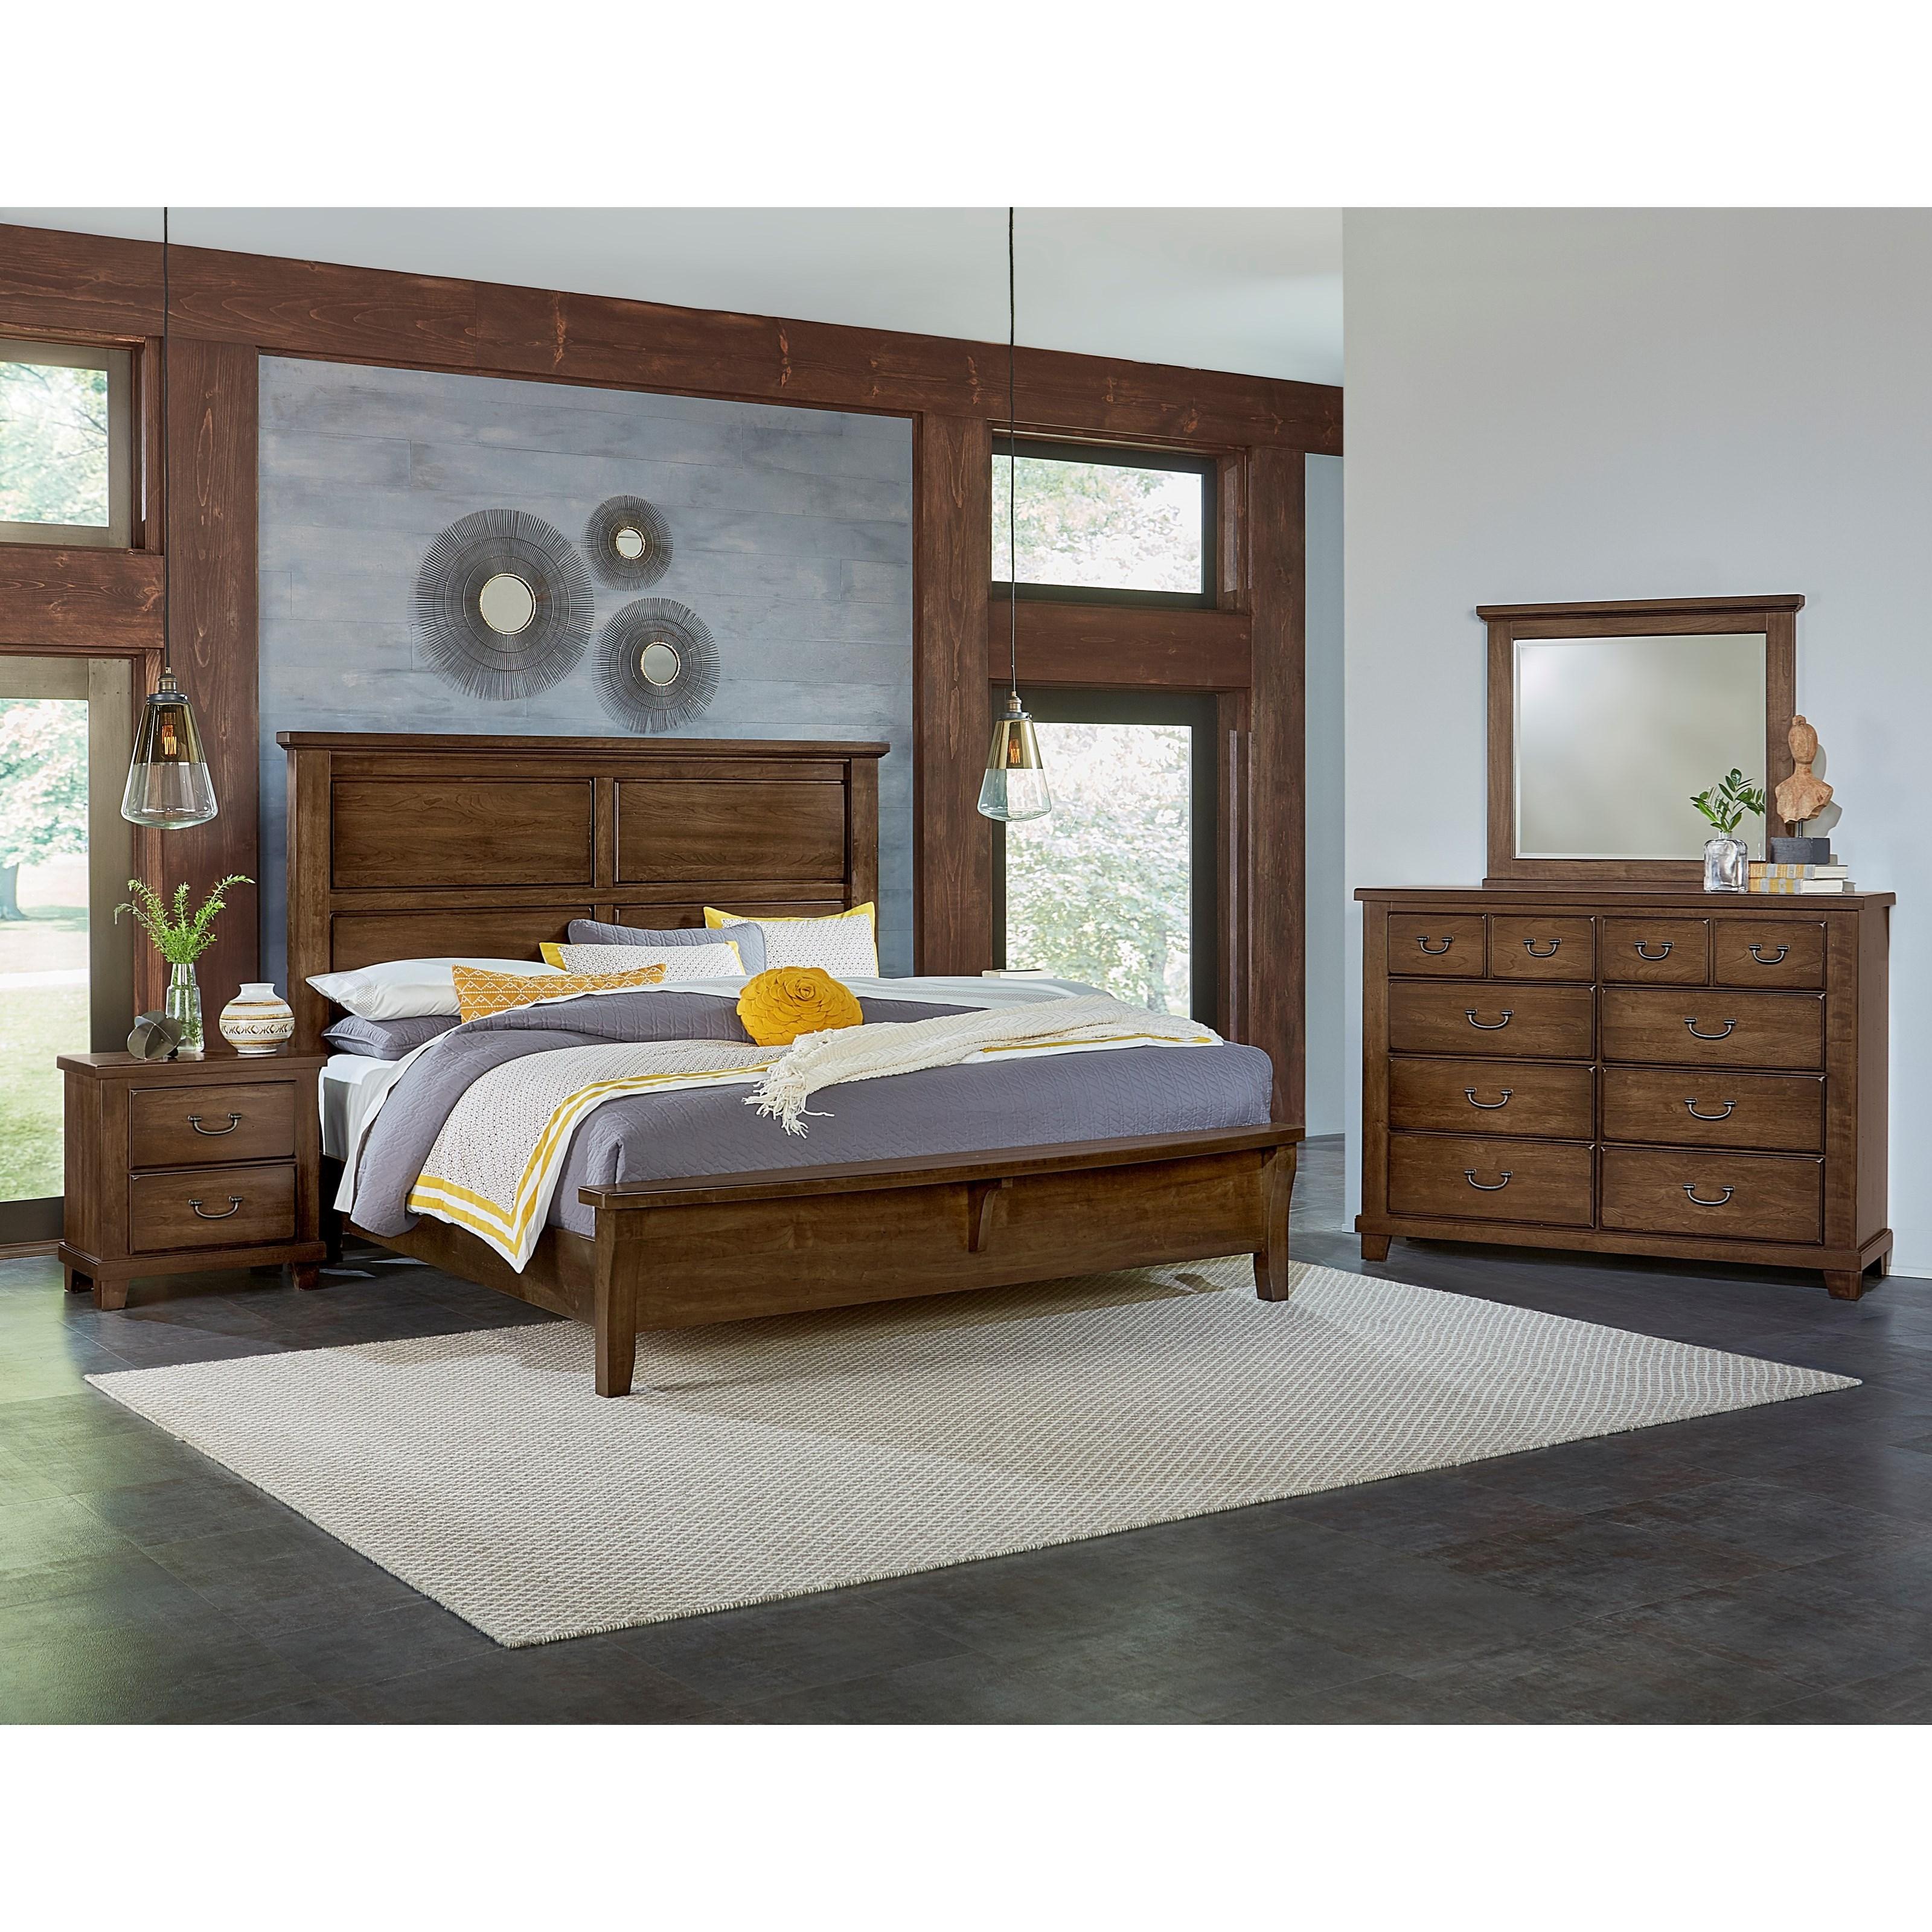 Vaughan Bassett American Cherry Queen Bedroom Group - Item Number: 417 Q Bedroom Group 4